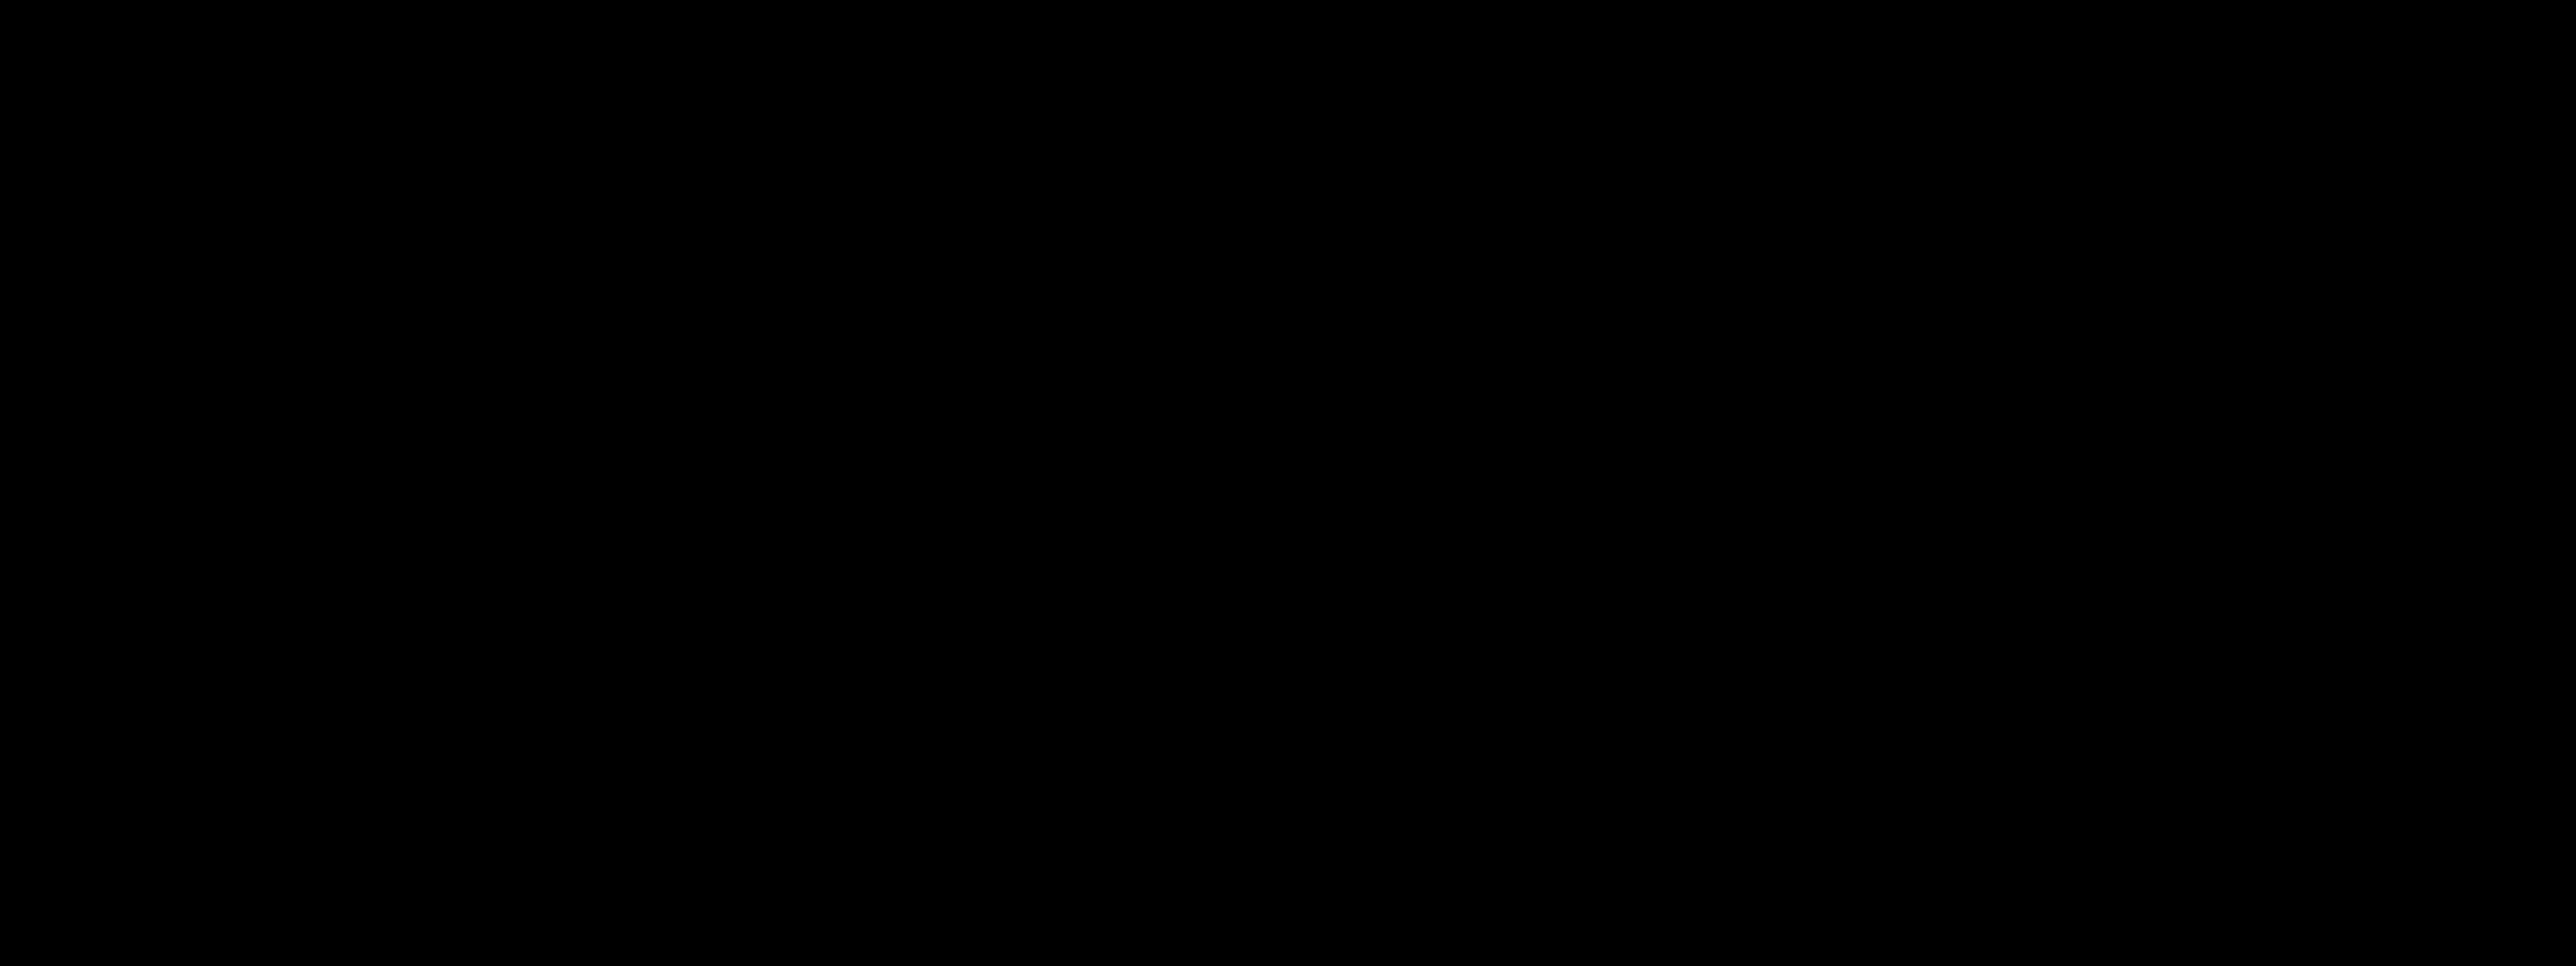 Imagem mostra passo a passo de manobra de sakte em quatro imagens congeladas no tempo.